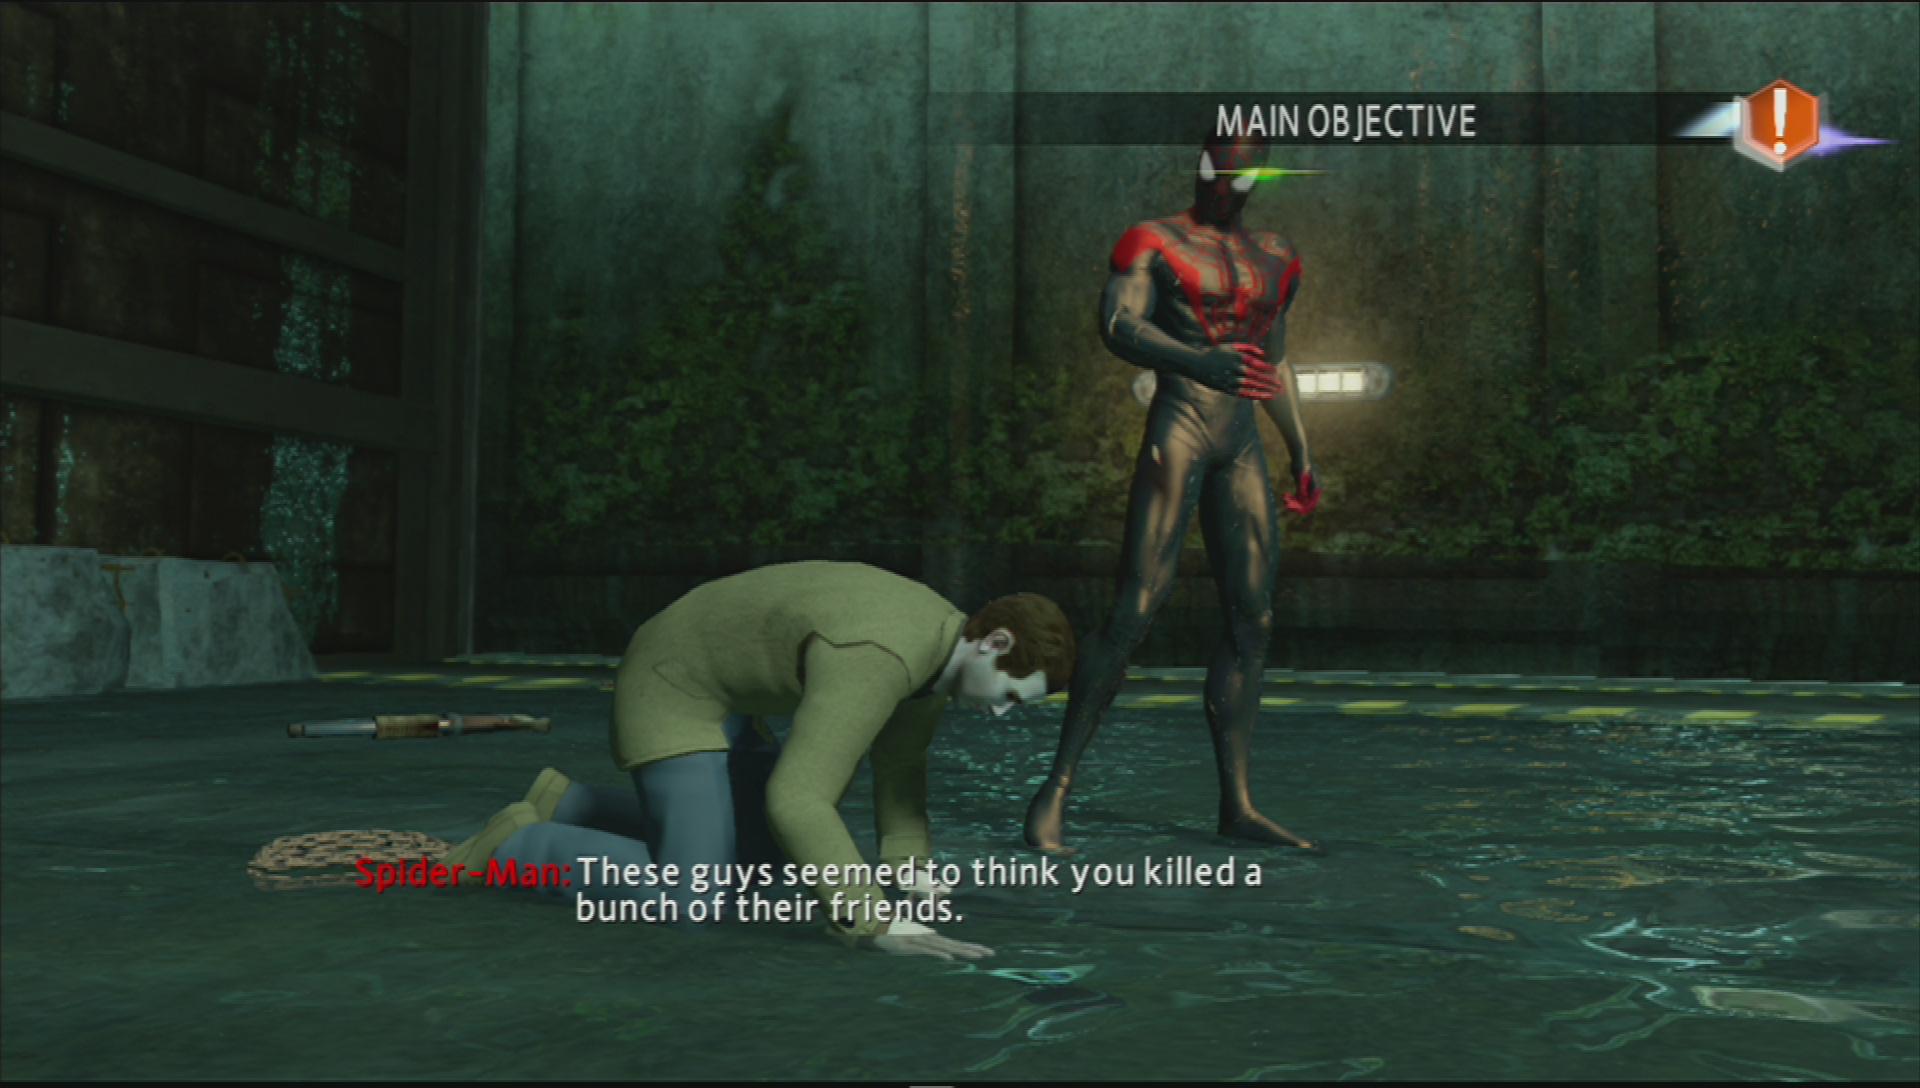 神奇蜘蛛侠2游戏截图大全